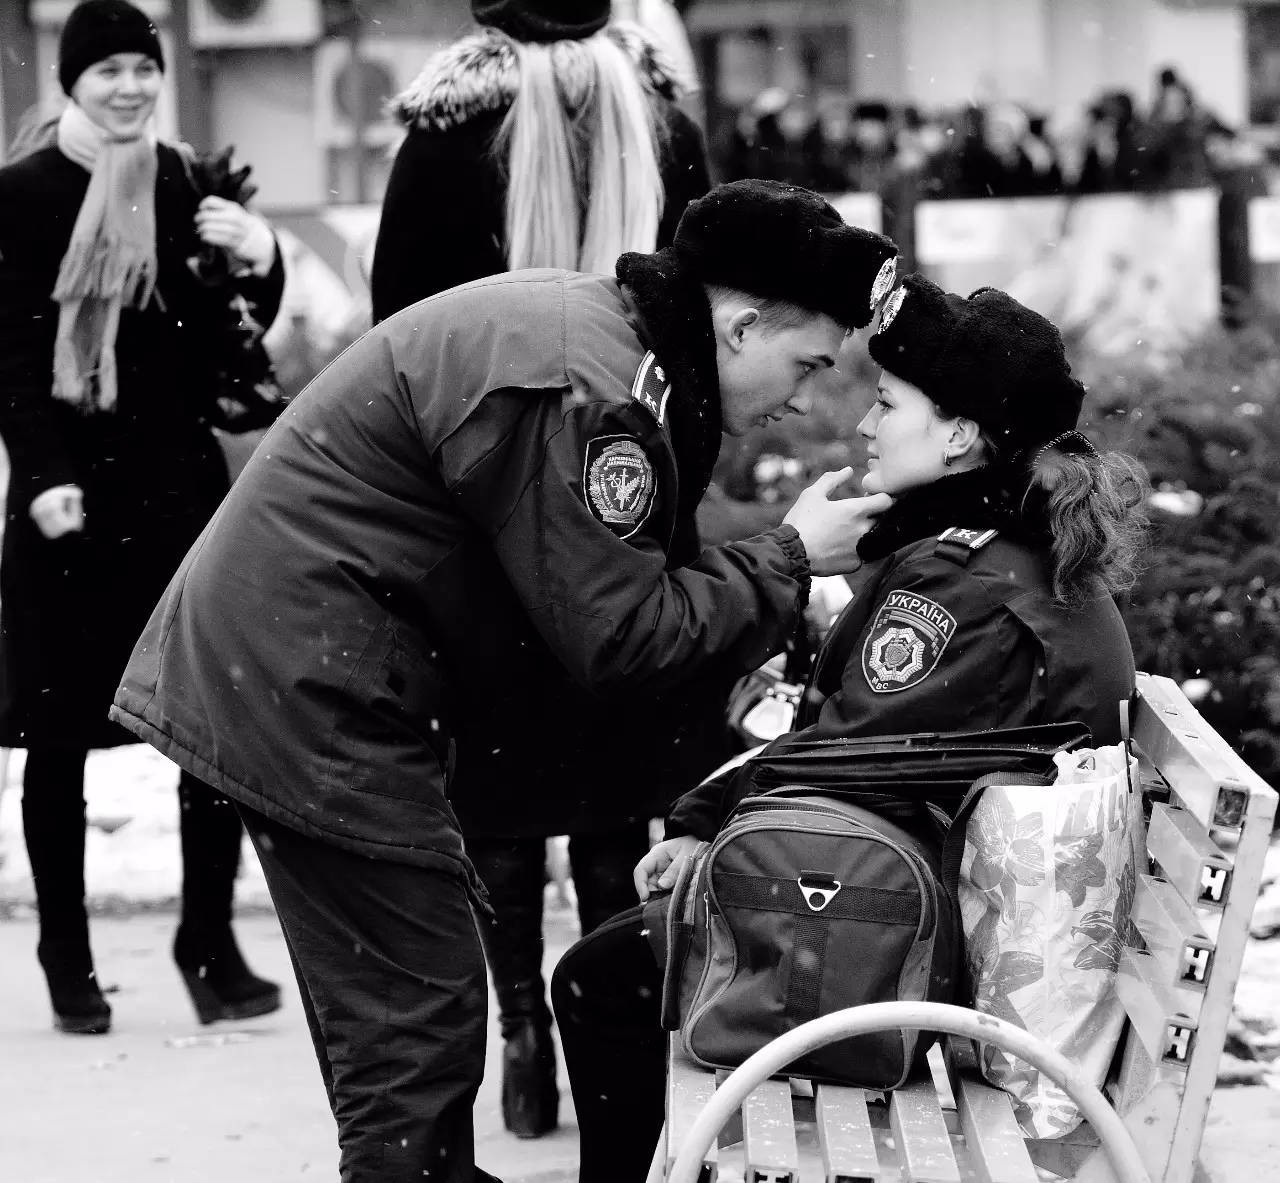 Armen Dolukhanyan, tác giả của bức ảnh đoạt giải khu vực châu Âu, Trung Đông và châu Phi, ghi lại hình ảnh đầy cảm xúc này ở Kharkov, Ukraine.